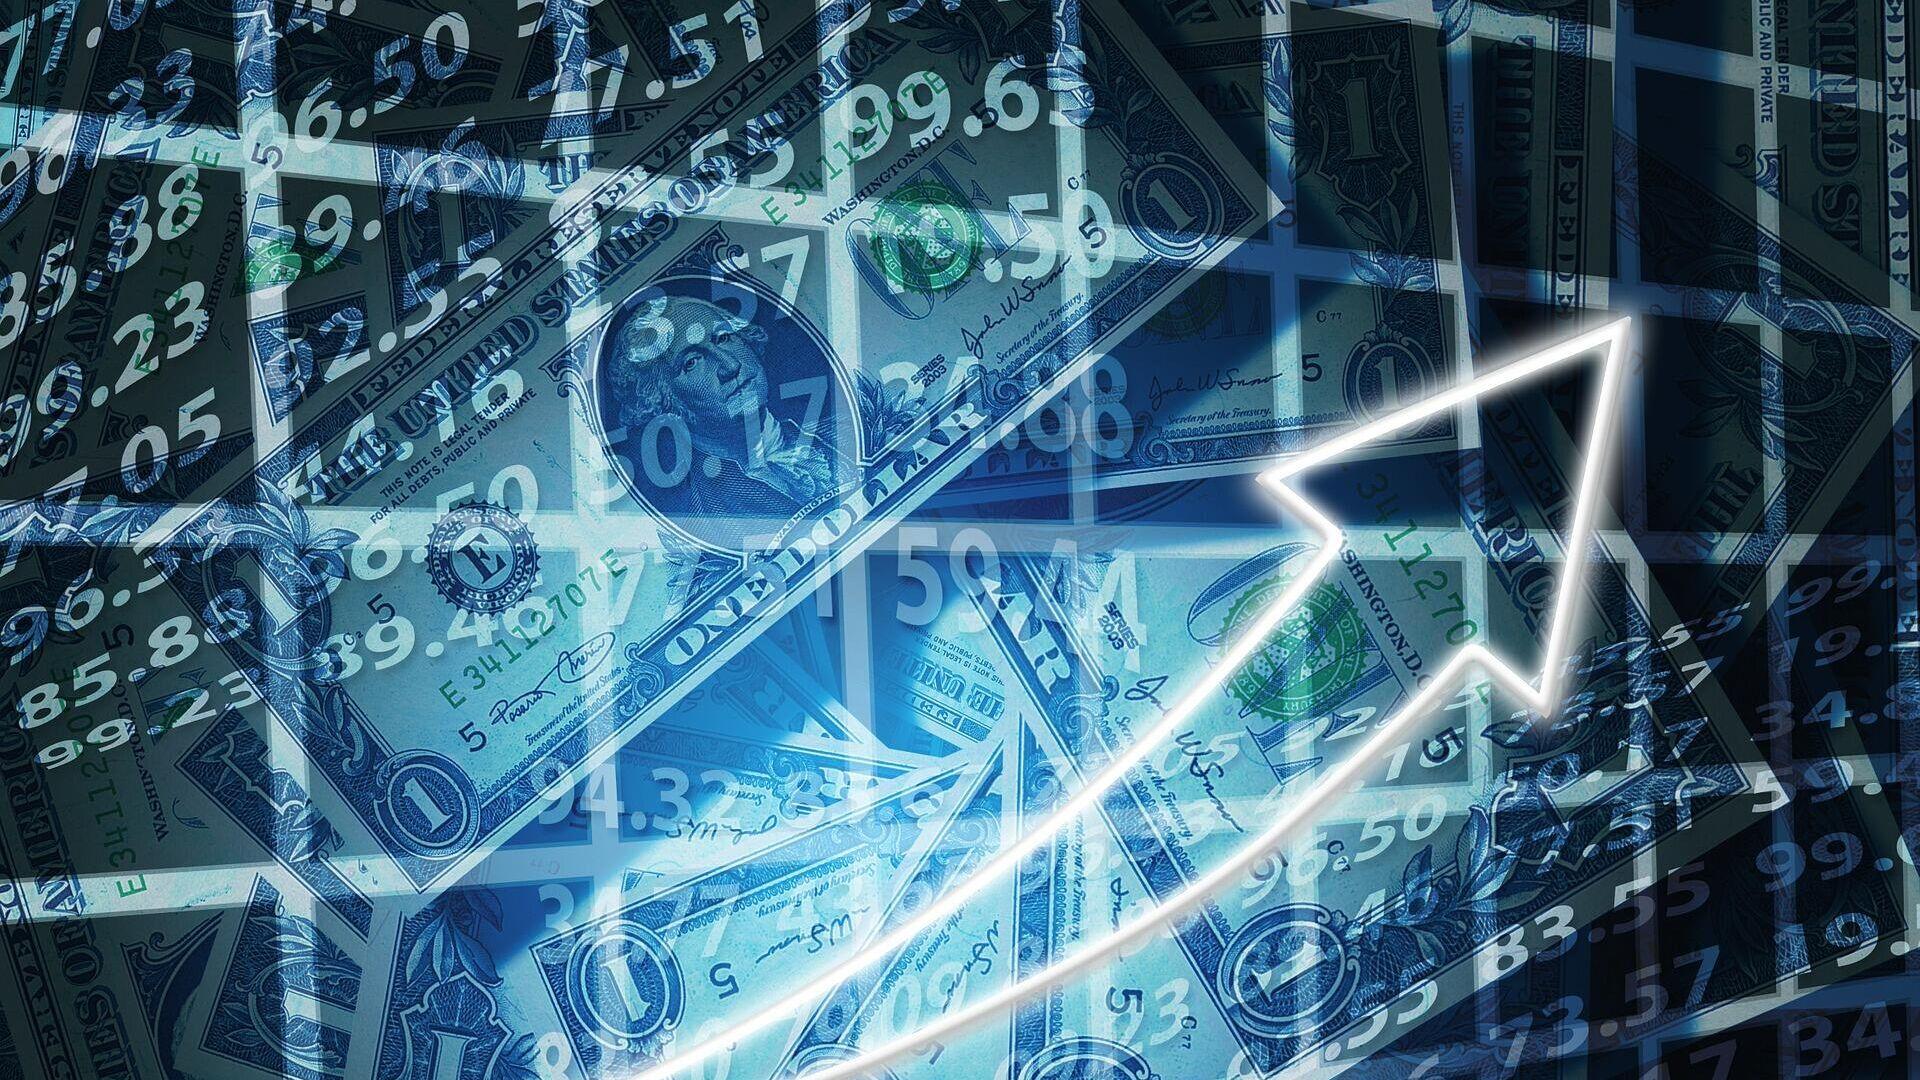 Economía y dólares - Sputnik Mundo, 1920, 24.08.2021